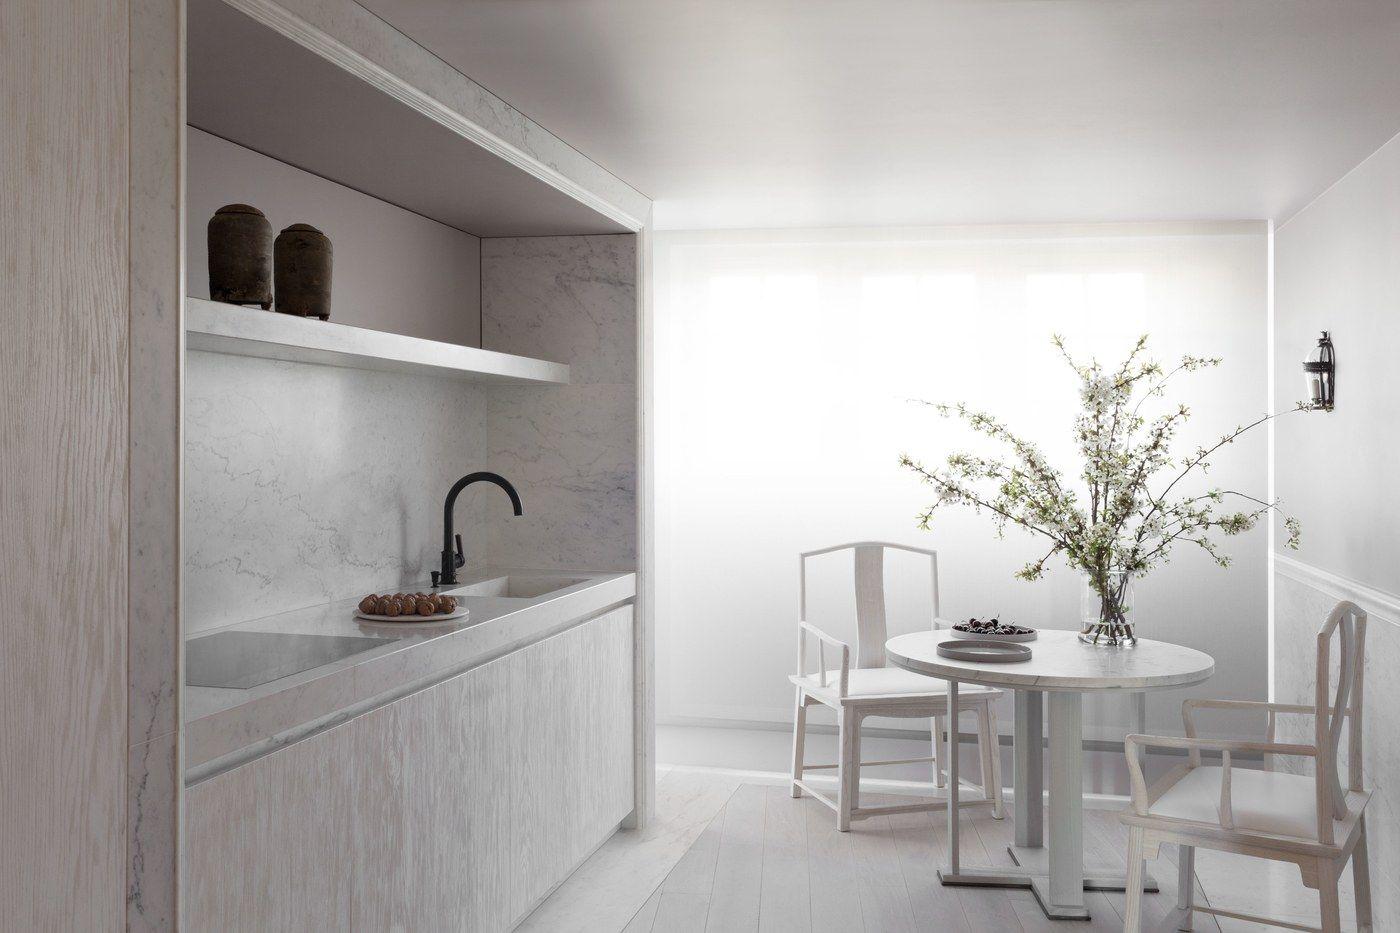 Küchenideen offen pin von chris binder auf kitchen design  pinterest